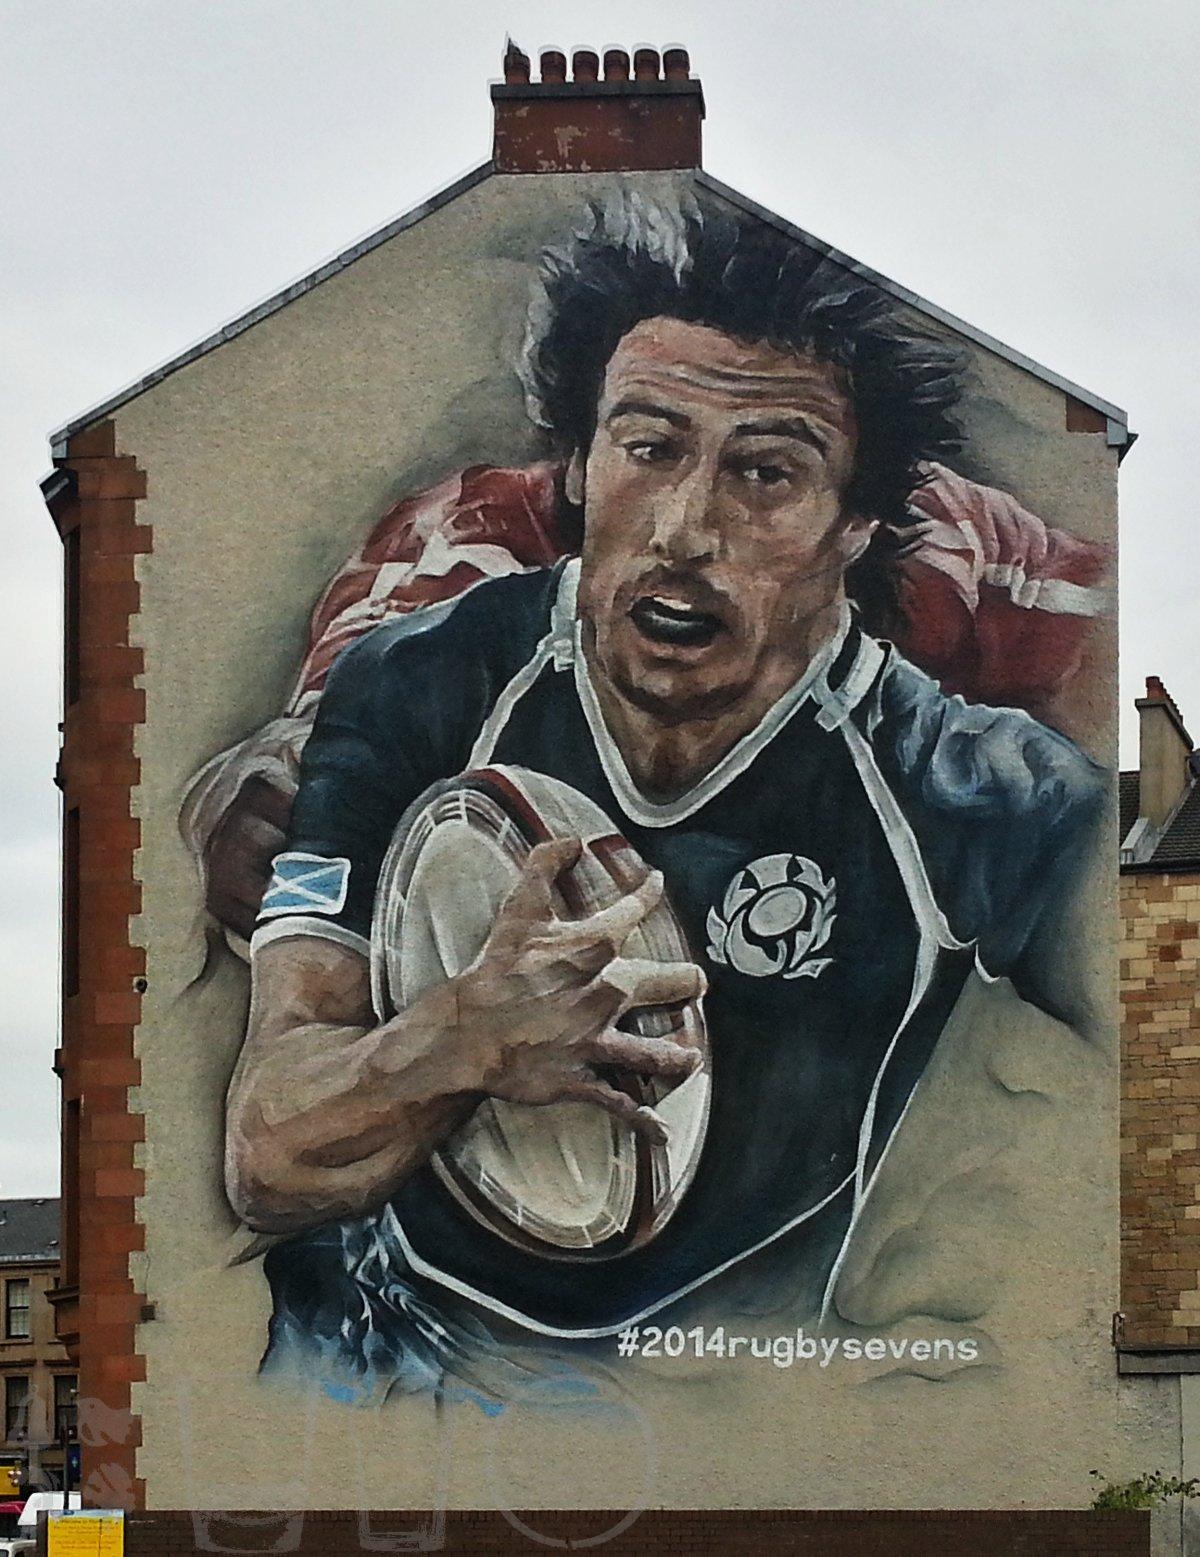 #2014rugbysevens mural, Glasgow